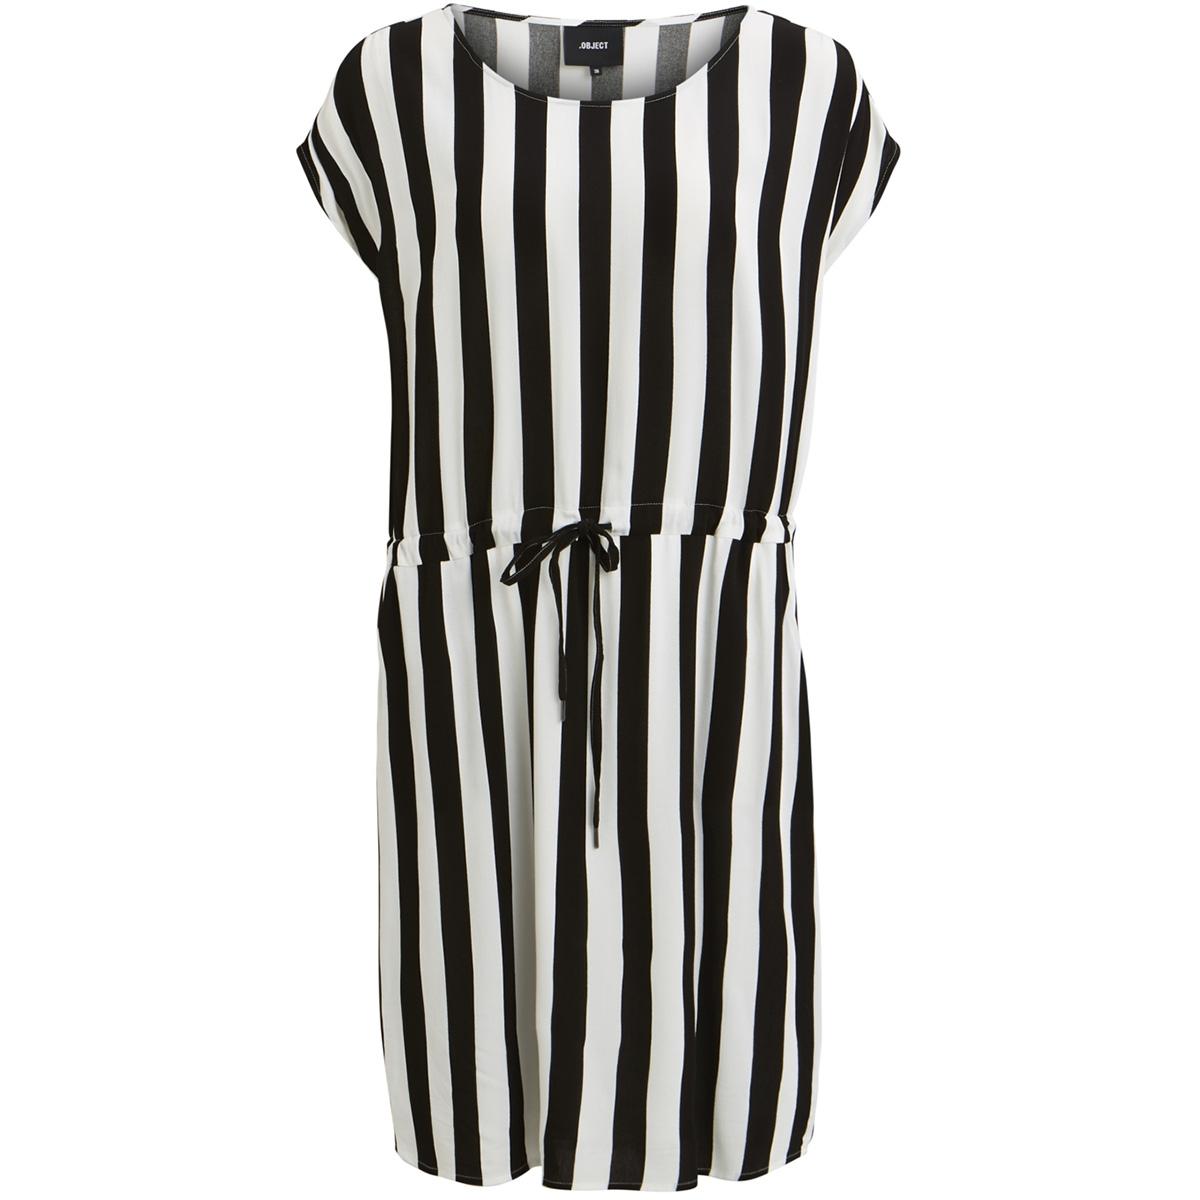 objbay dallas s/s dress aop  season 23029254 object jurk black/w/ white stripes